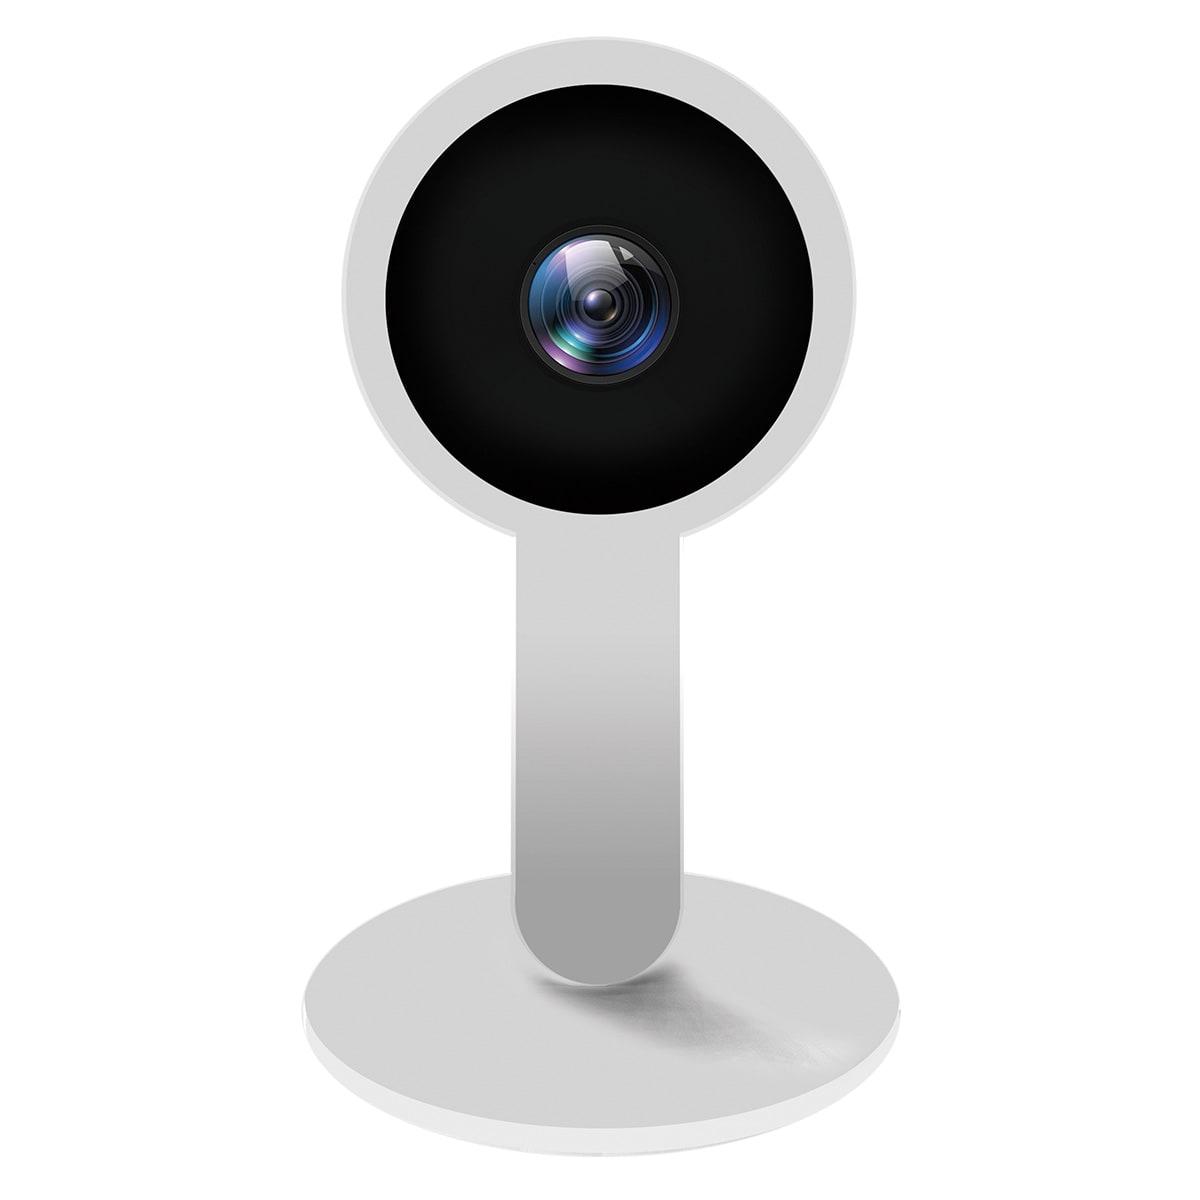 Til indendørs brug - Livestream direkte fra din smartphone